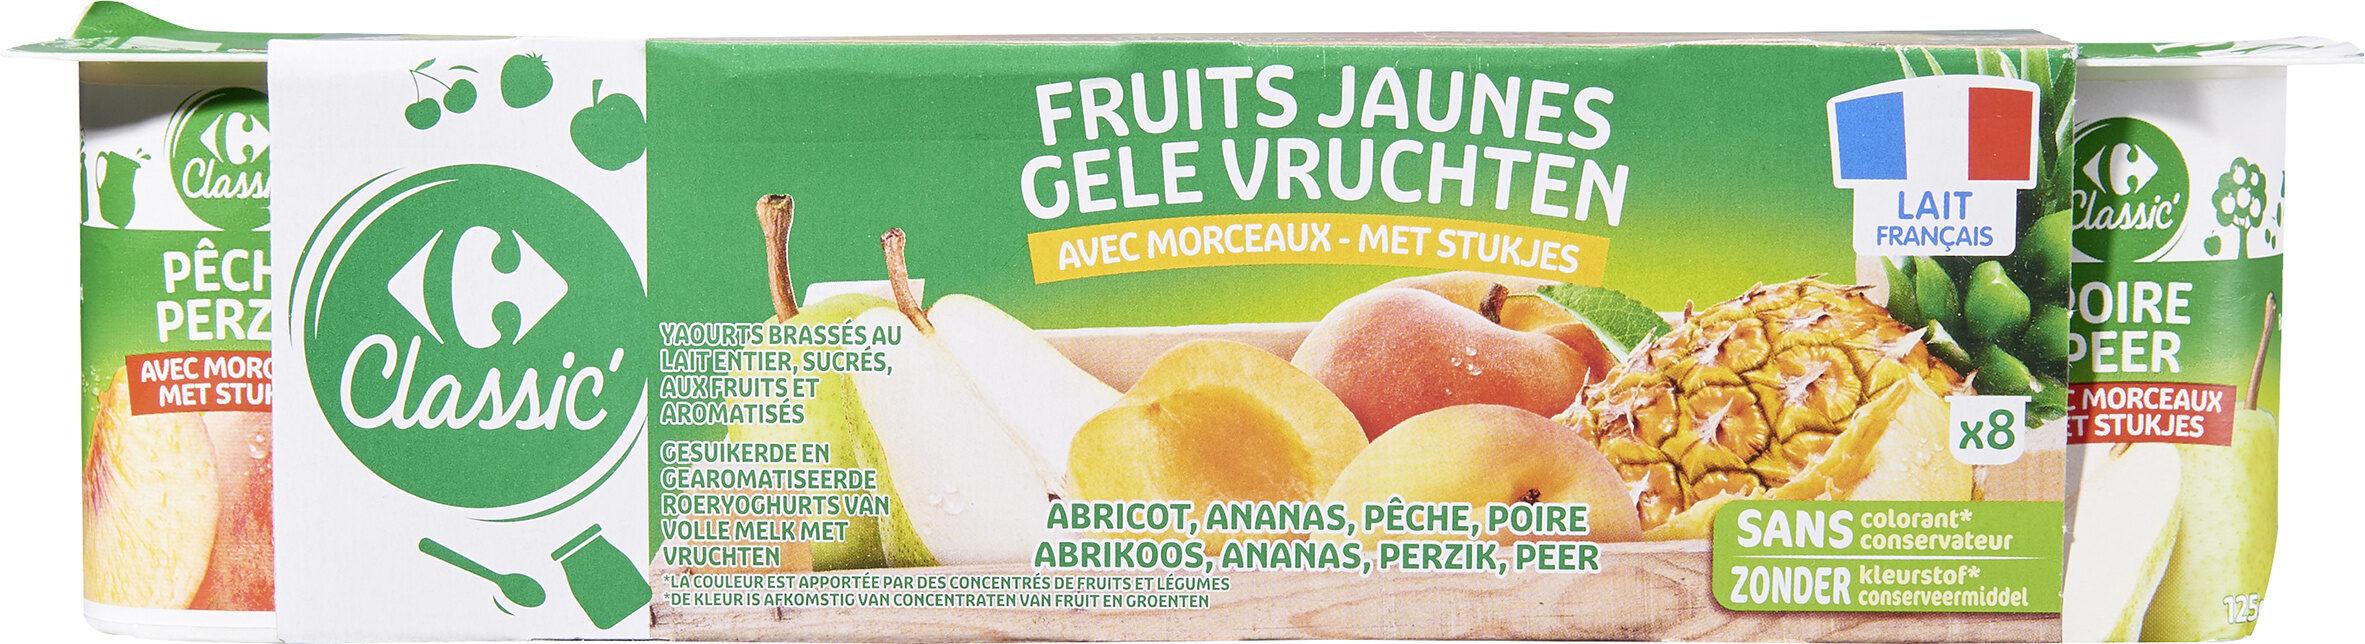 Yaourt Fruits jaunes avec morceaux - Produit - fr